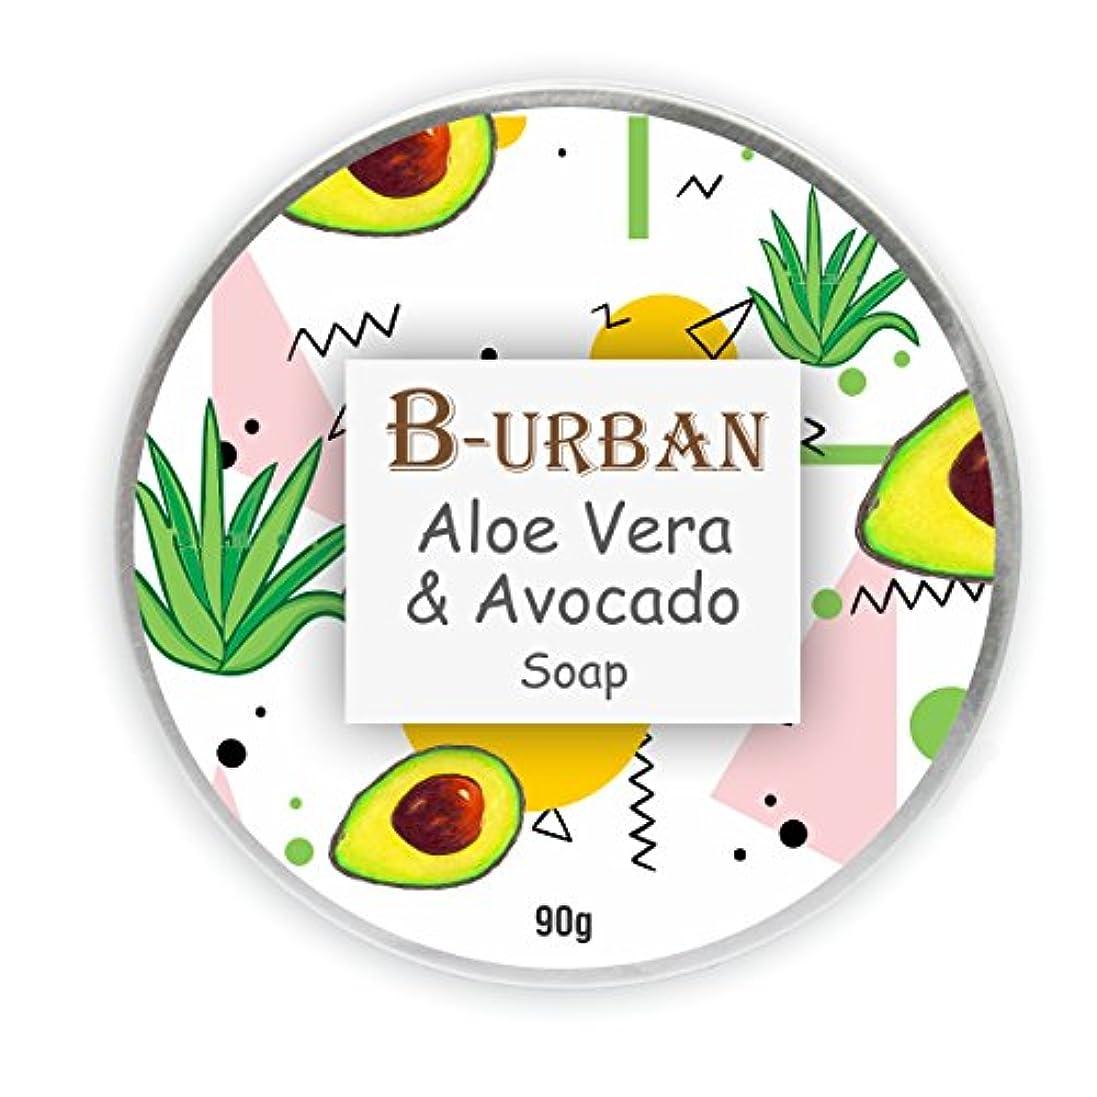 失業治療助手B-Urban Aloe Vera And Avocado Soap Made With Natural And Organic Ingredients. Paraben And Sulphate Free. Moisturizing...